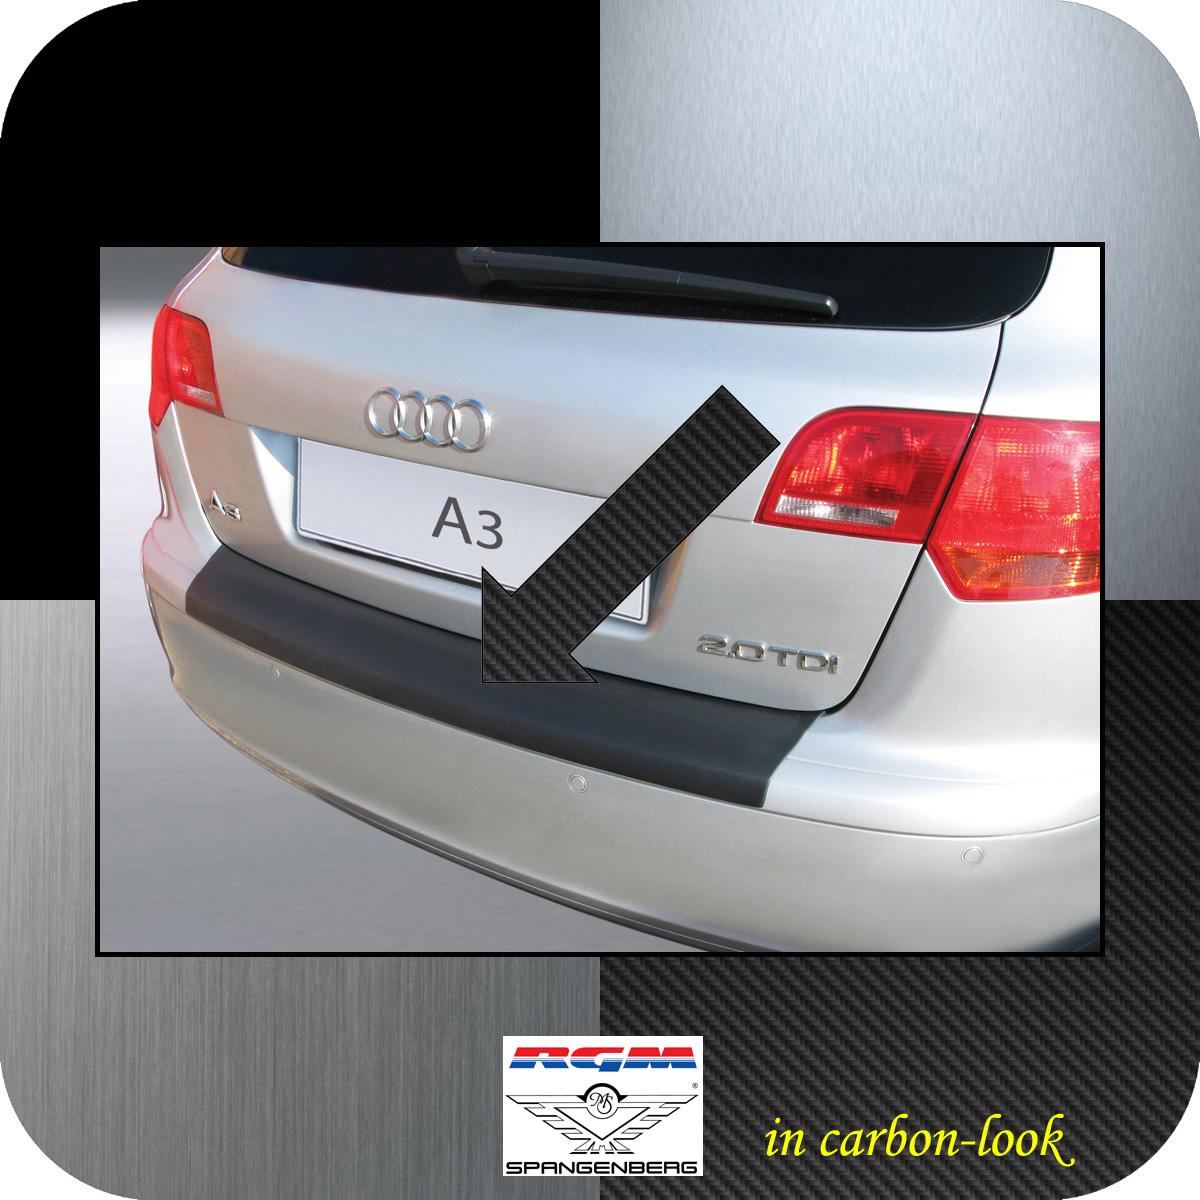 Ladekantenschutz Carbon-Look Audi A3 Sportback vor facelift 2004-2008 3509361